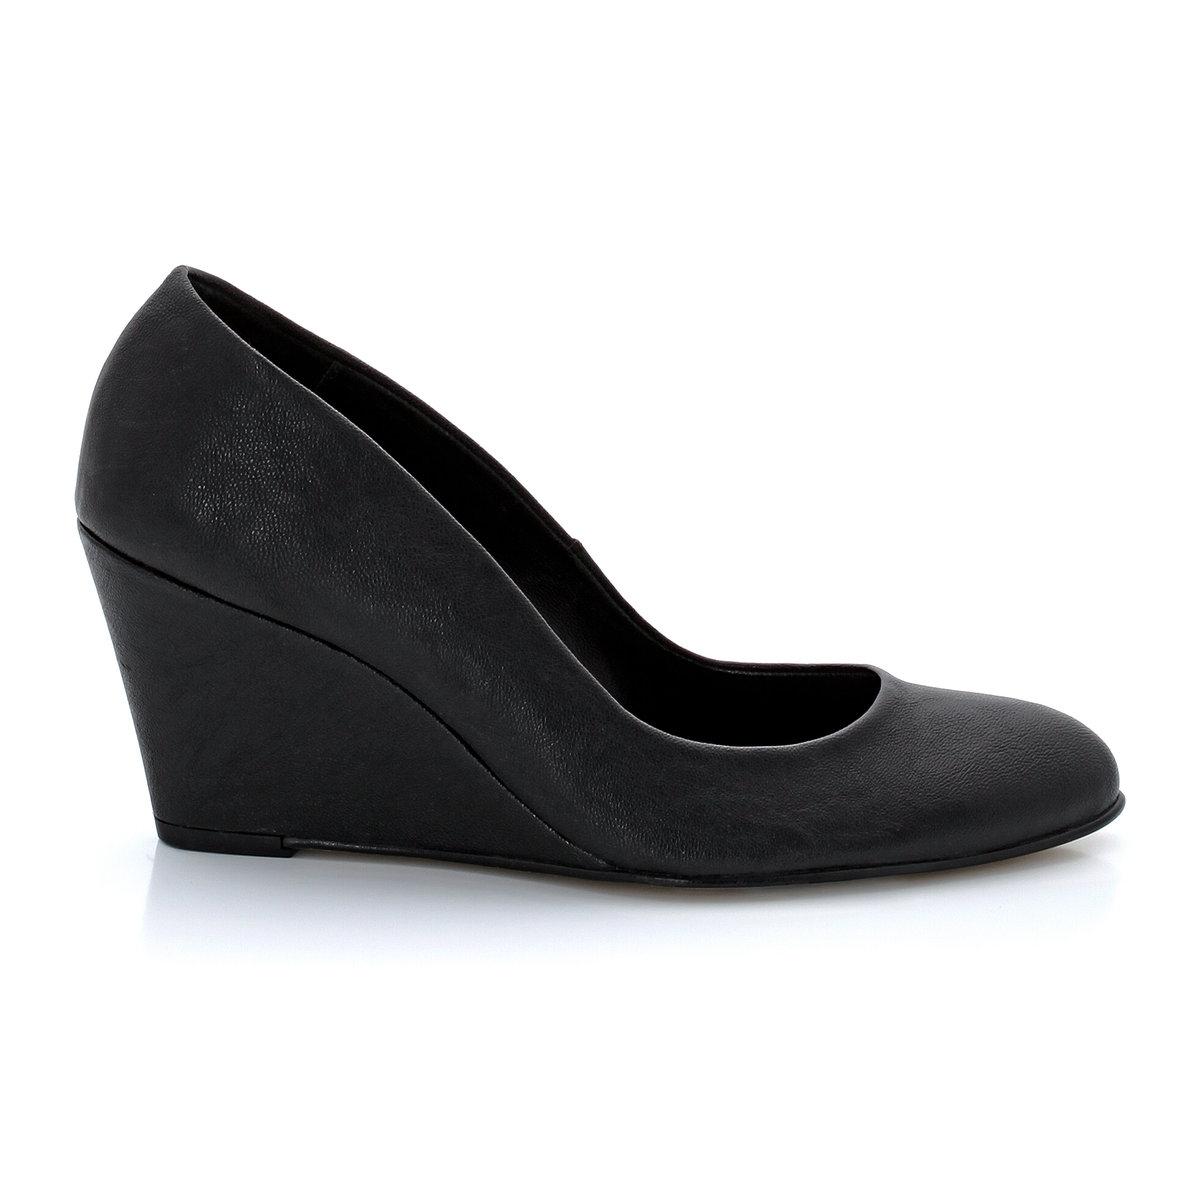 Туфли на устойчивом каблукеУдобный устойчивый каблук, изящные и женственные линии - туфли для комфортной жизни. Будьте элегантной и современной в любых обстоятельствах!<br><br>Цвет: черный<br>Размер: 40